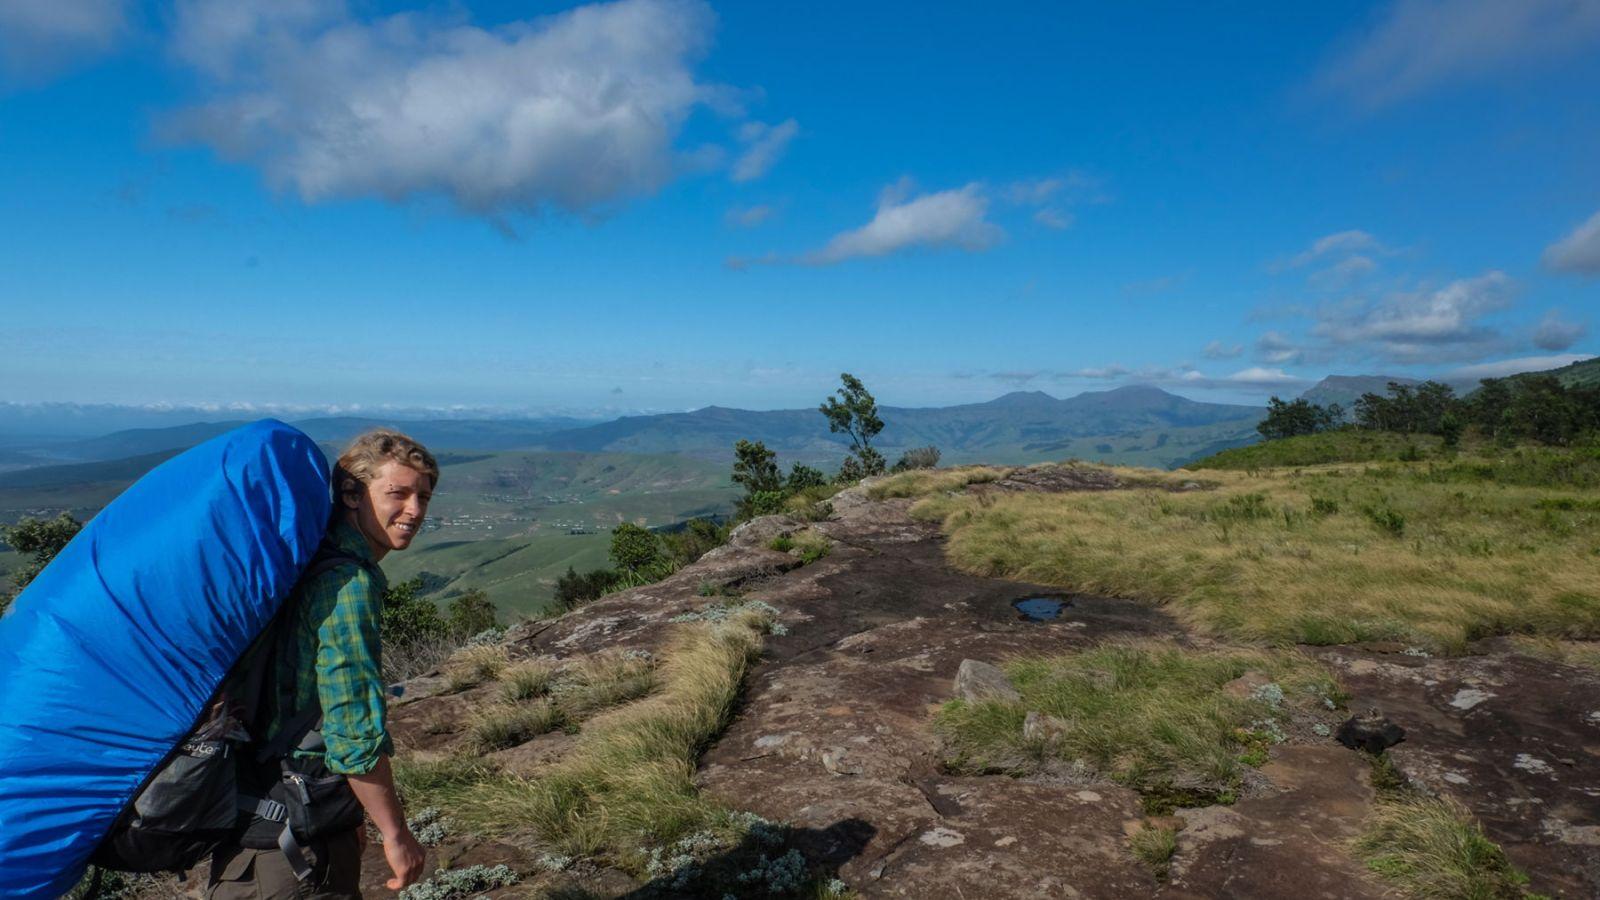 a photo of a hiker on a mountain on the amathole trail.